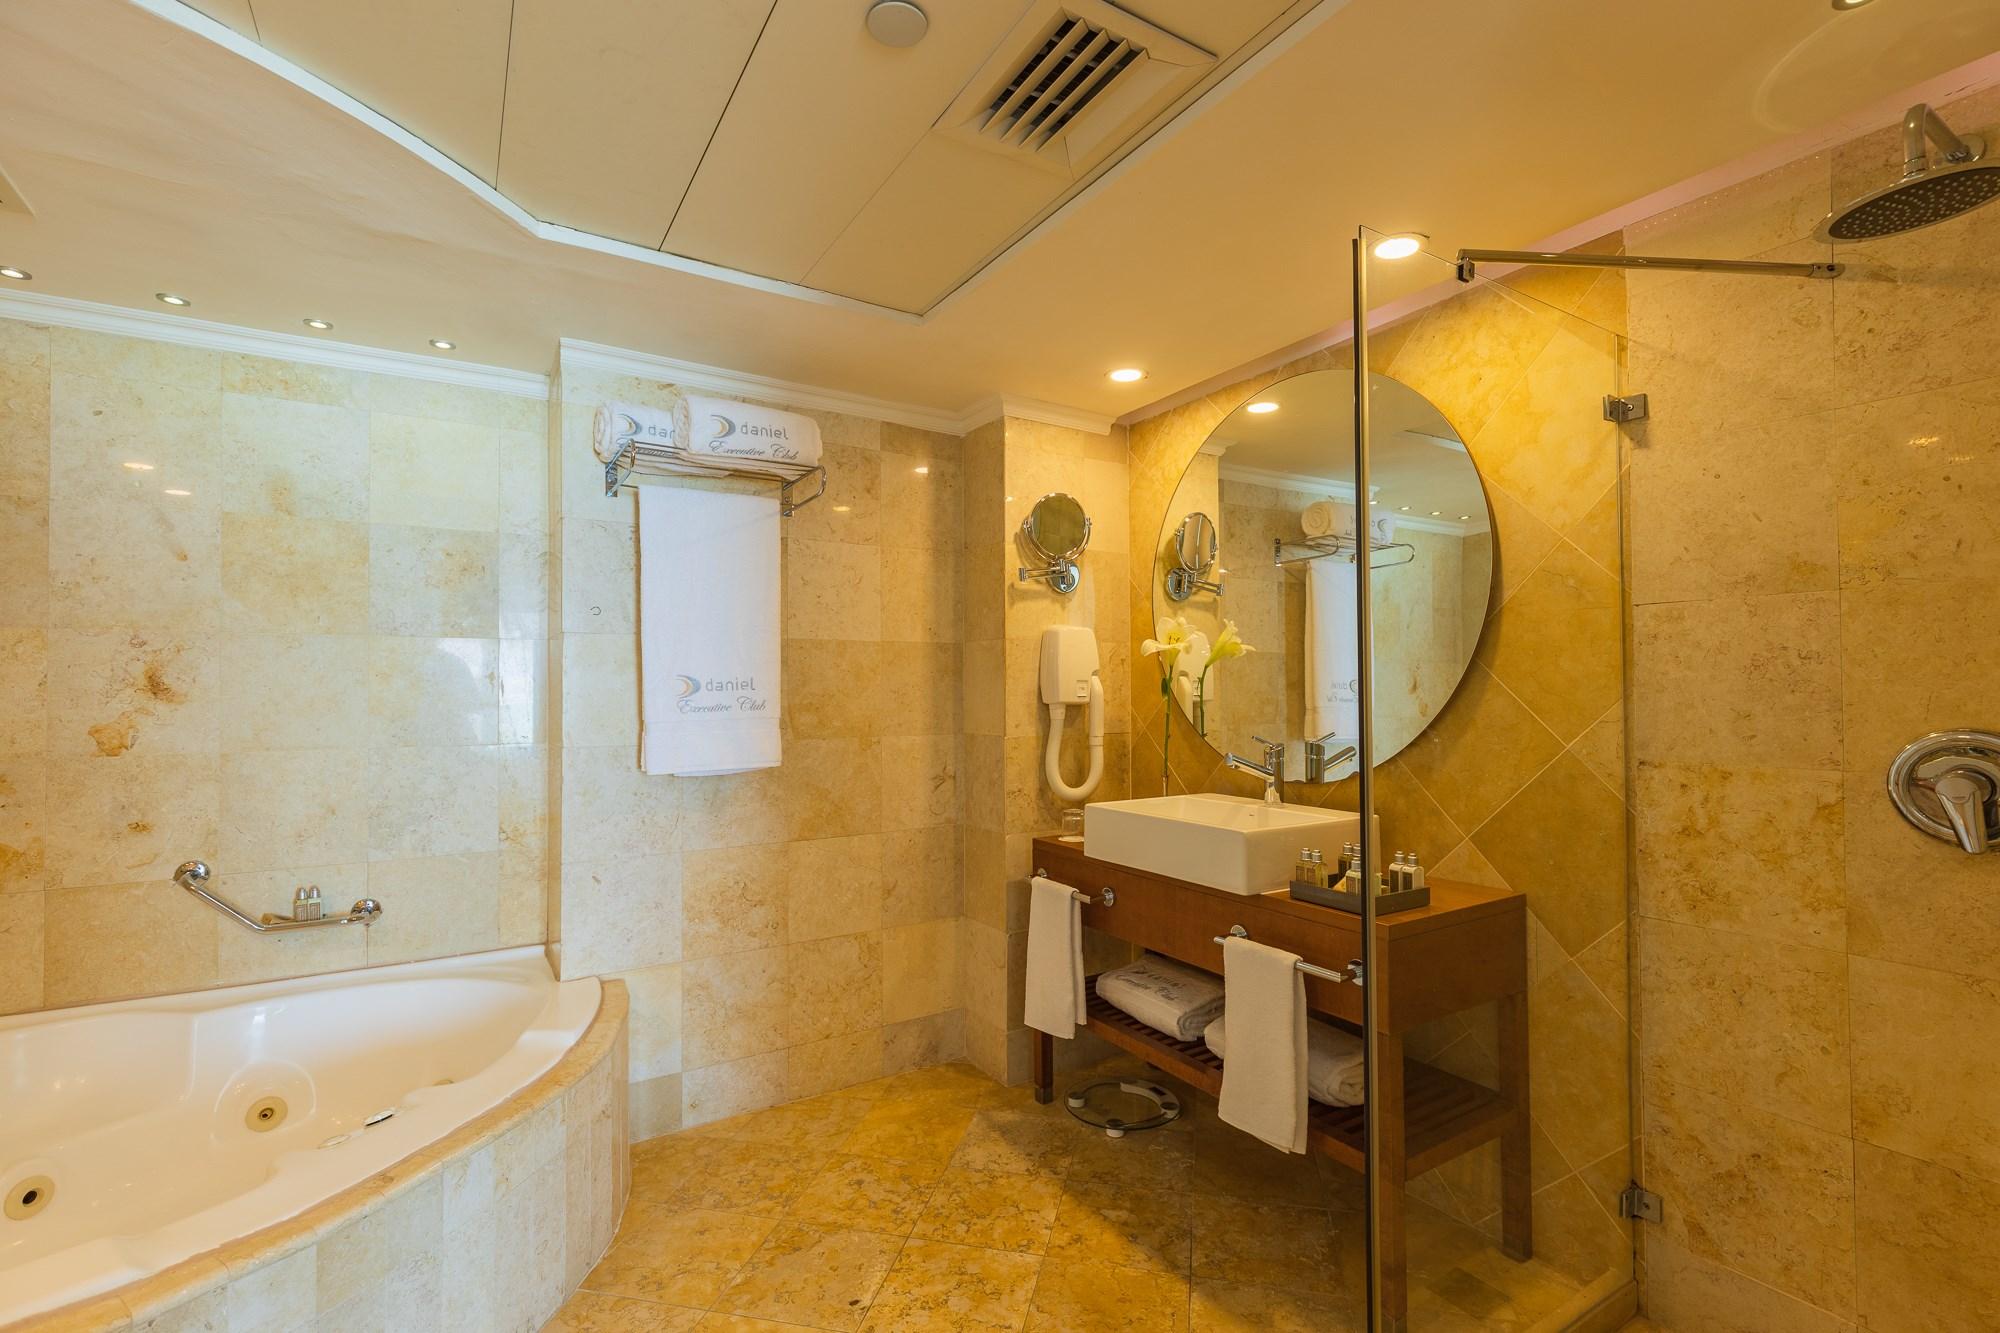 חדר אמבטיה בחדר דניאל ים המלח